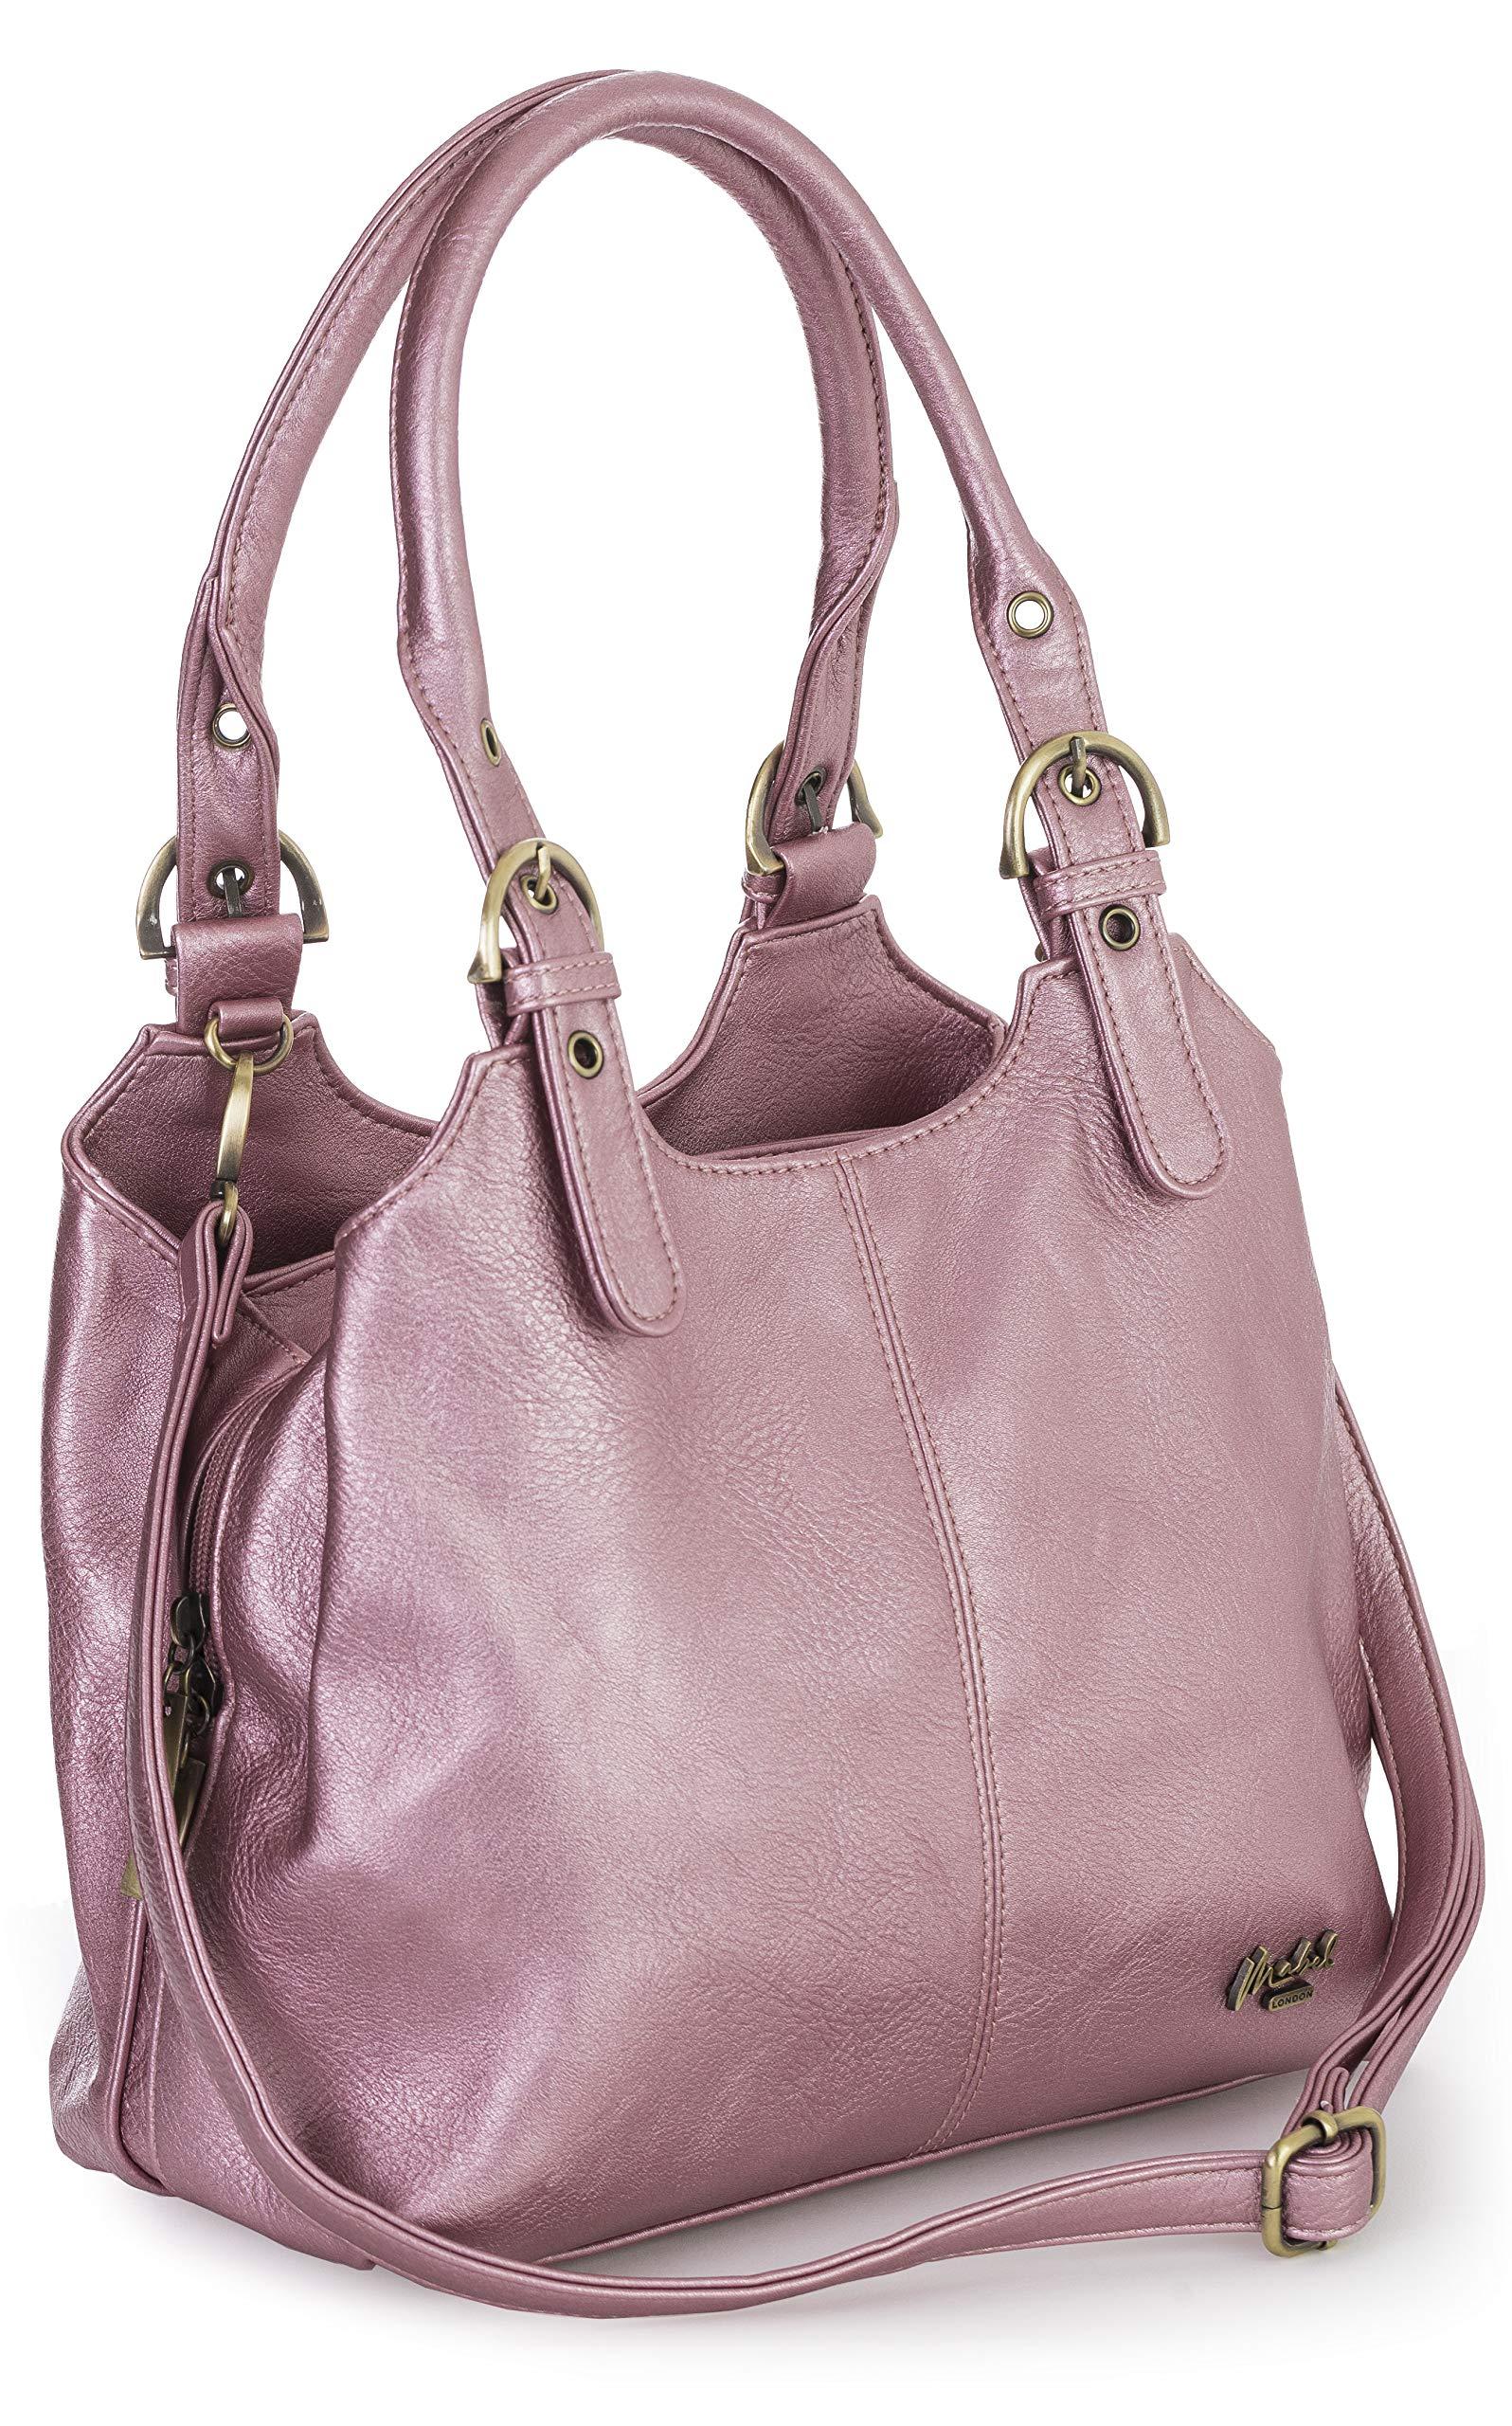 265fed256d Big Handbag Shop BHBS - Sac à main pratique pour femme - Multiple poches de  rangement